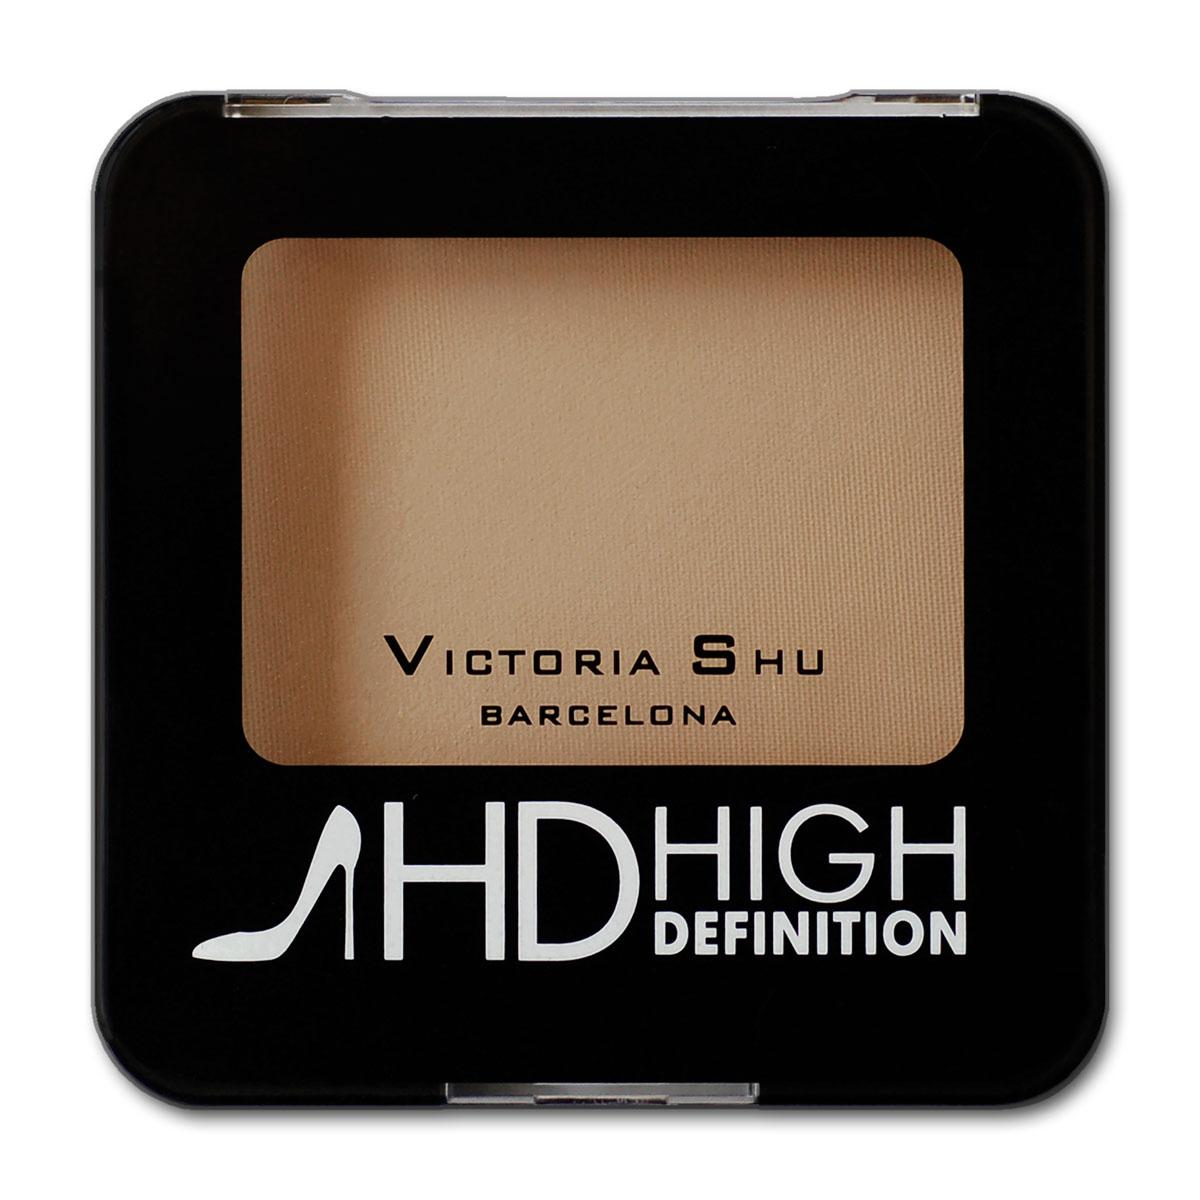 Victoria Shu Пудра компактная High Definition №315983V15573Минеральная формула в составе пудры равномерно распределяется на коже и создает мягкий soft-focus effect, скрывая мелкие морщинки и неровности. Дополнительные компоненты: витамин Е и масло ростков пшеницы обеспечивают коже эффект изнутри: Витамин Е – антиоксидант, препятствует преждевременному старению кожи, улучшая регенерацию клеток кожи. Масло ростков пшеницы - способствуют улучшению клеточного дыхания, восстановлению и питанию кожи. После нанесения пудра сливается с естественным тоном кожи и сохраняет свою мягкость, делает морщинки и недостатки на лице менее заметными.